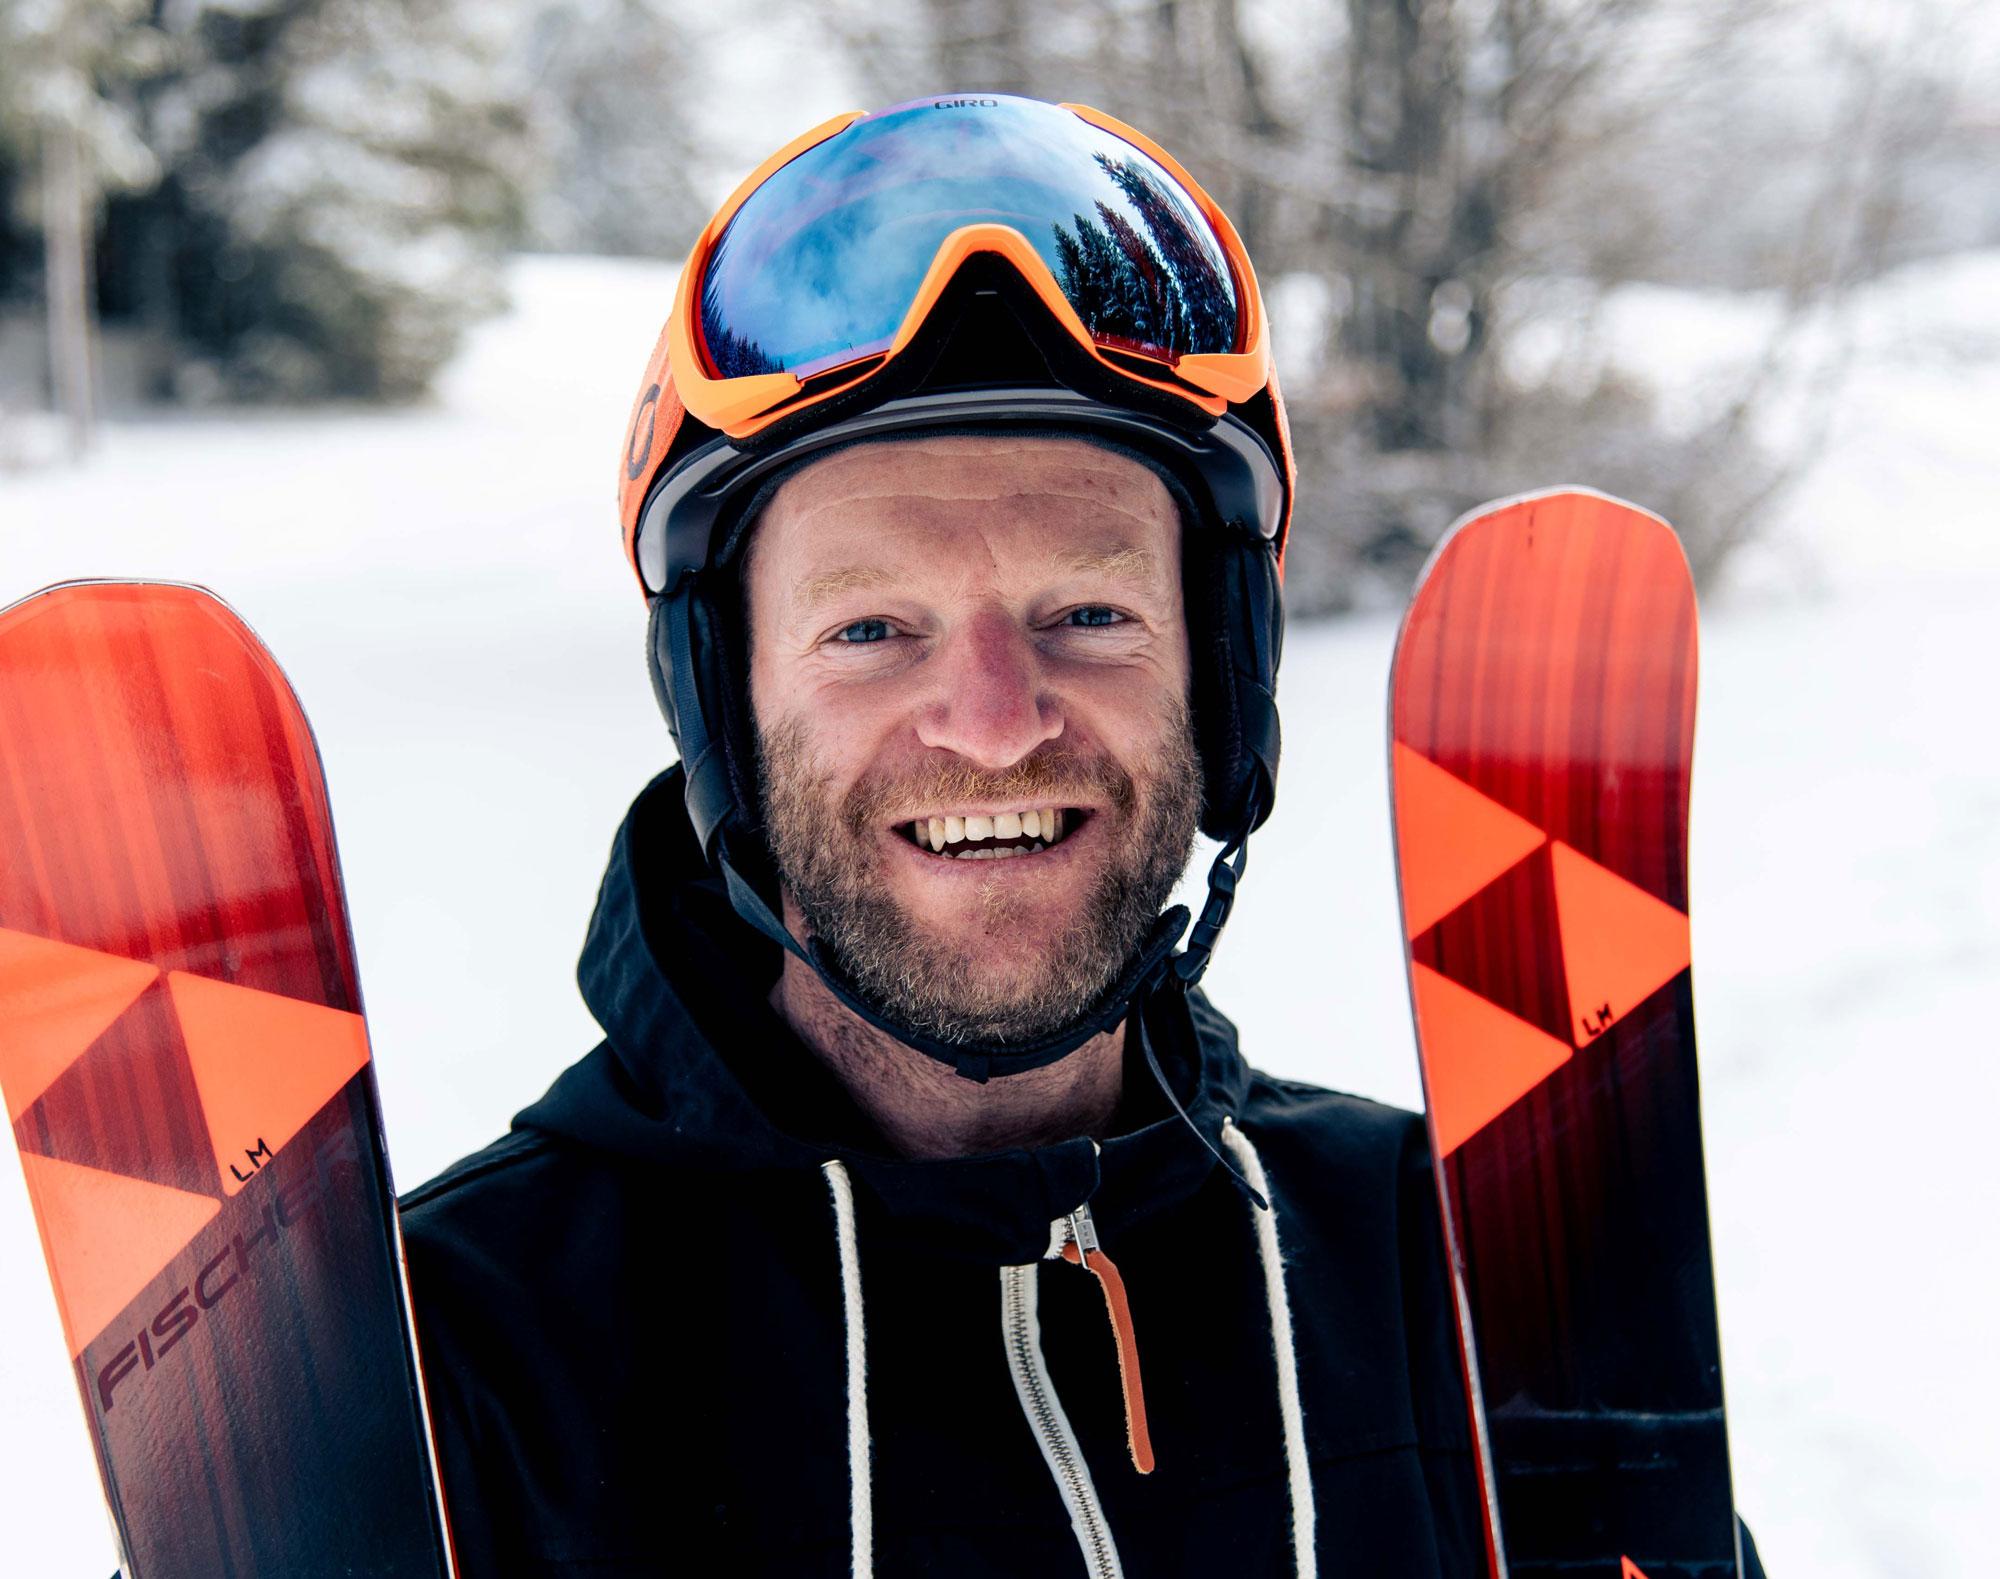 Markus mit Helm und Ski